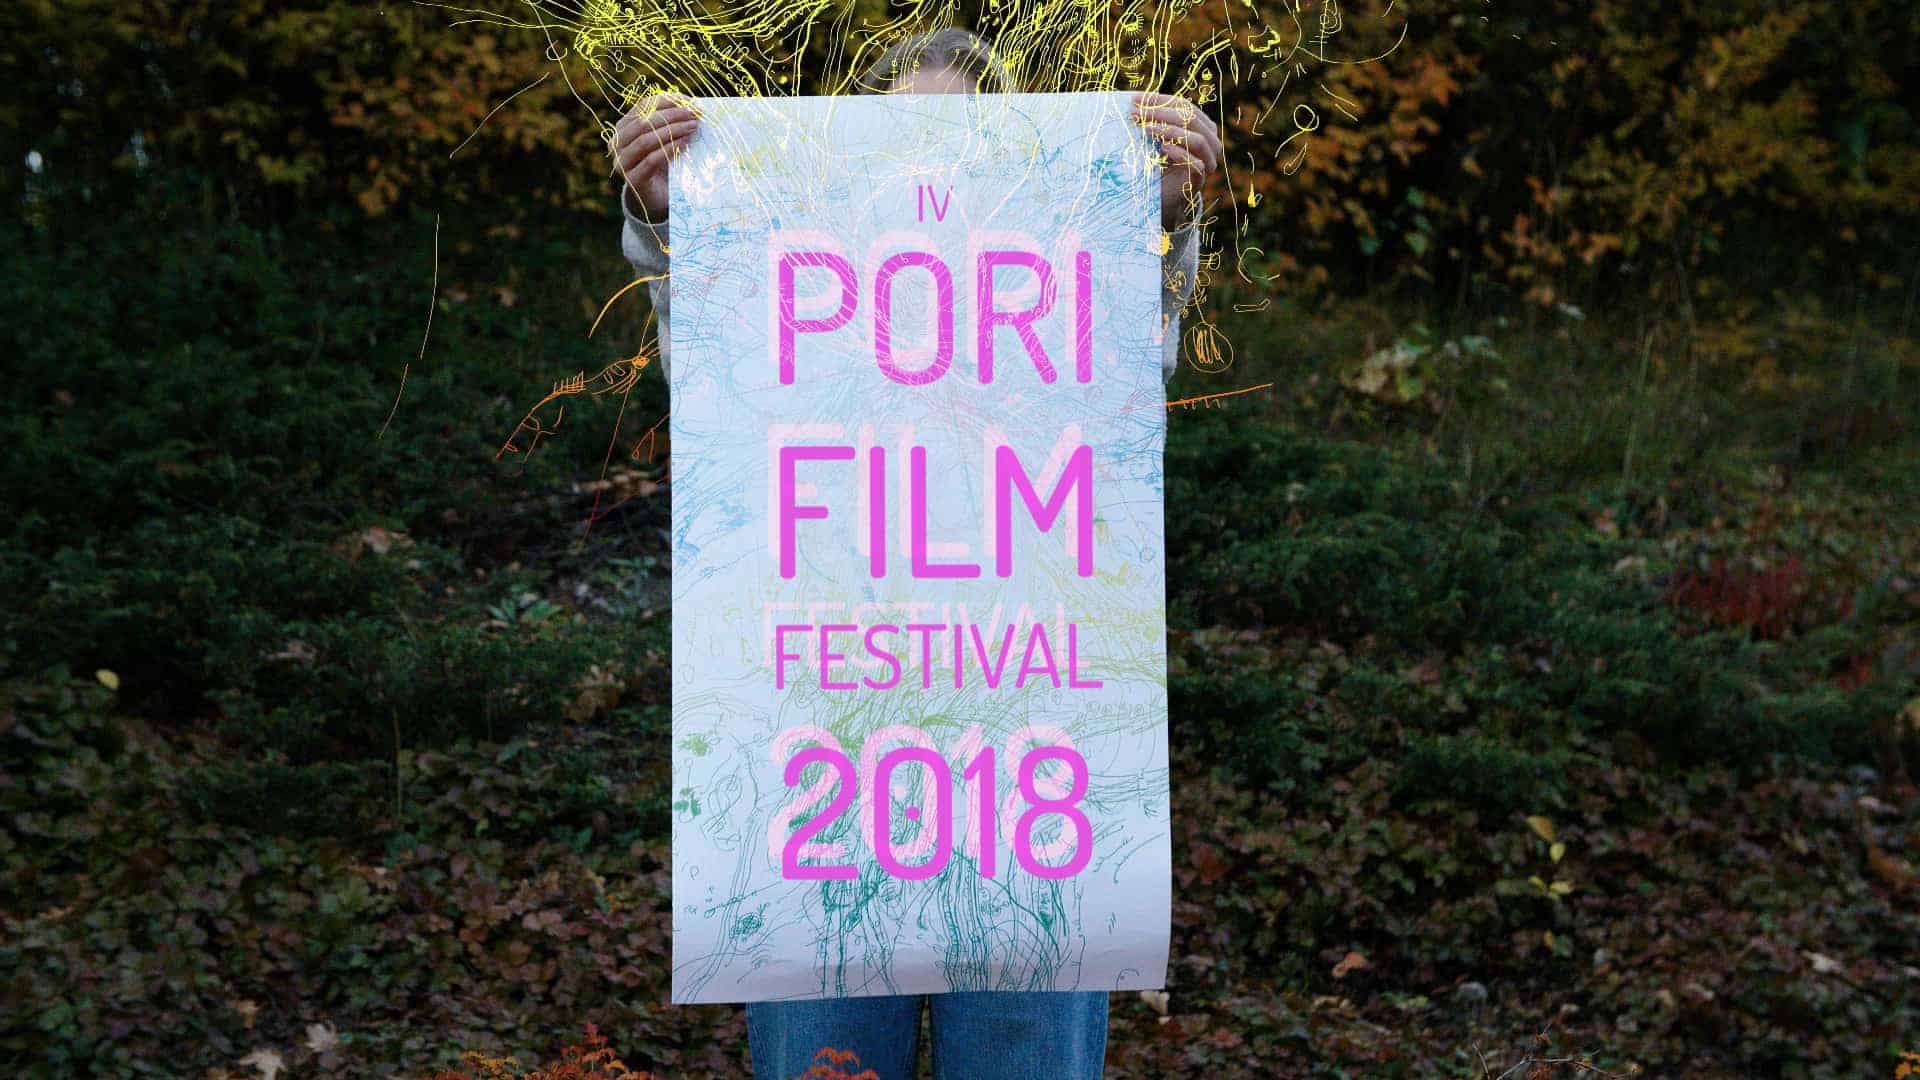 Pori Film Festival 2018 teaser